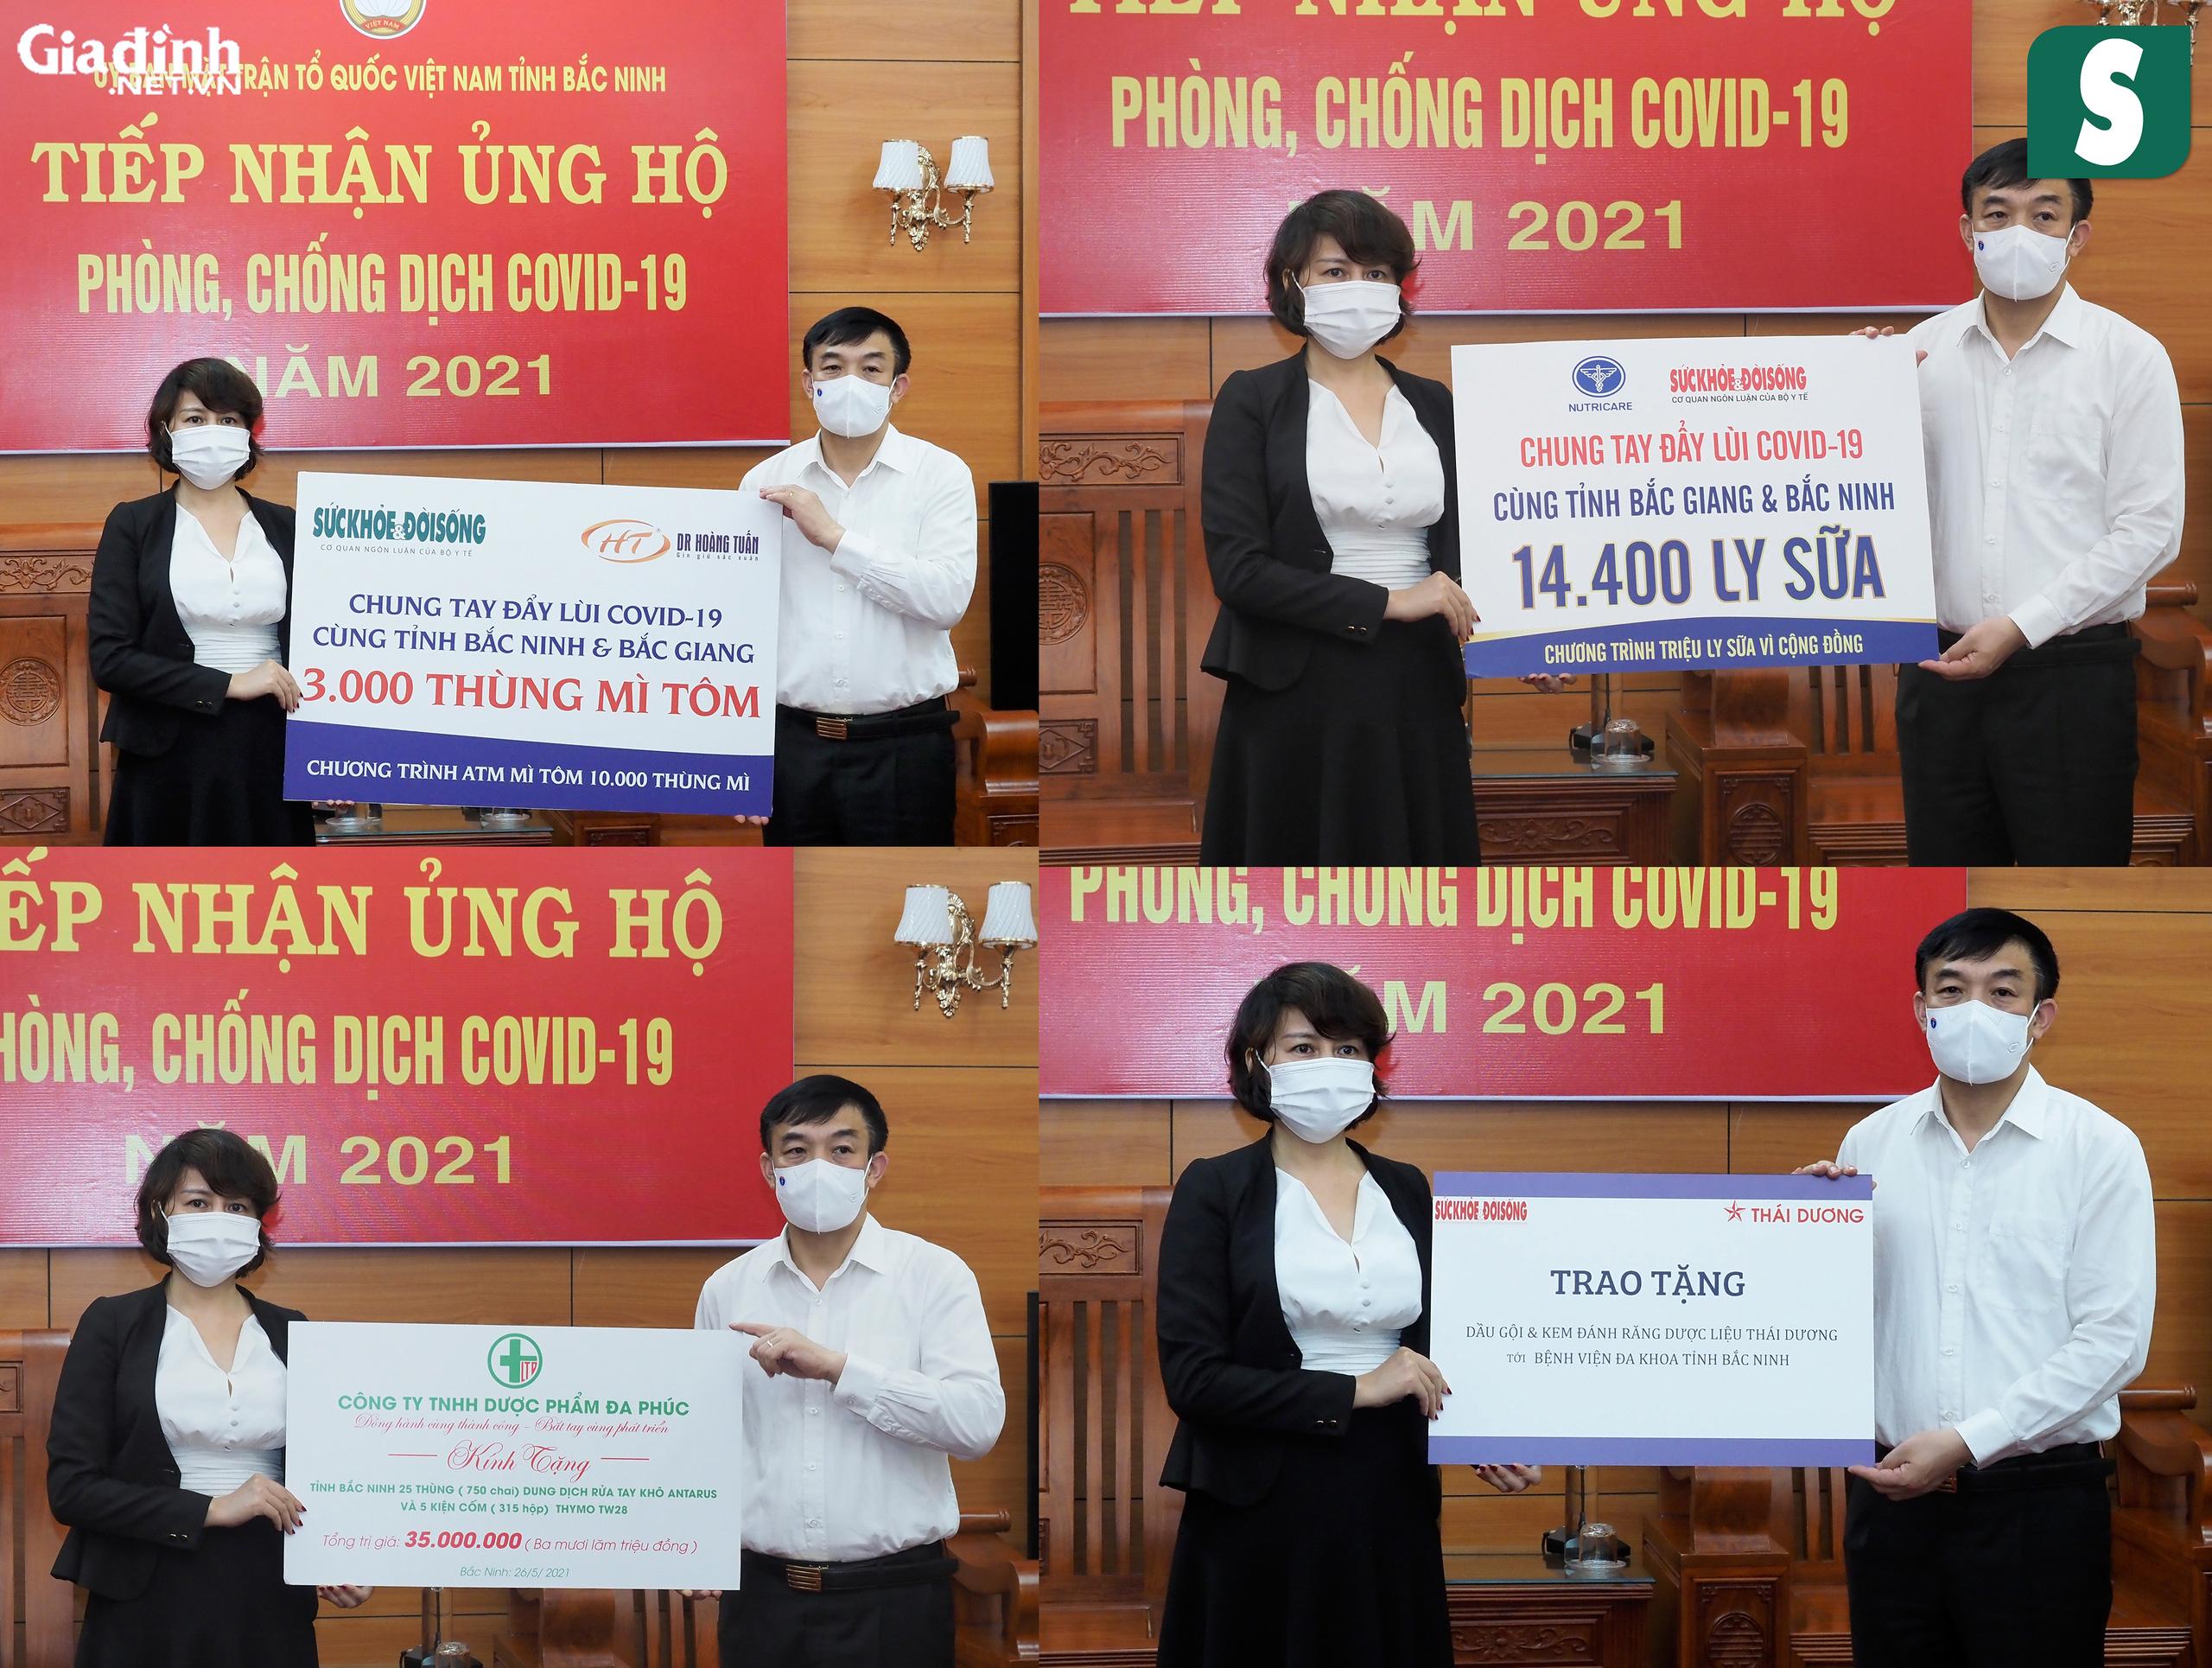 Báo Sức khỏe & Đời sống và Báo Gia đình & Xã hội kêu gọi hơn 1,8 tỷ đồng hỗ trợ Bắc Giang, Bắc Ninh chống dịch - Ảnh 11.